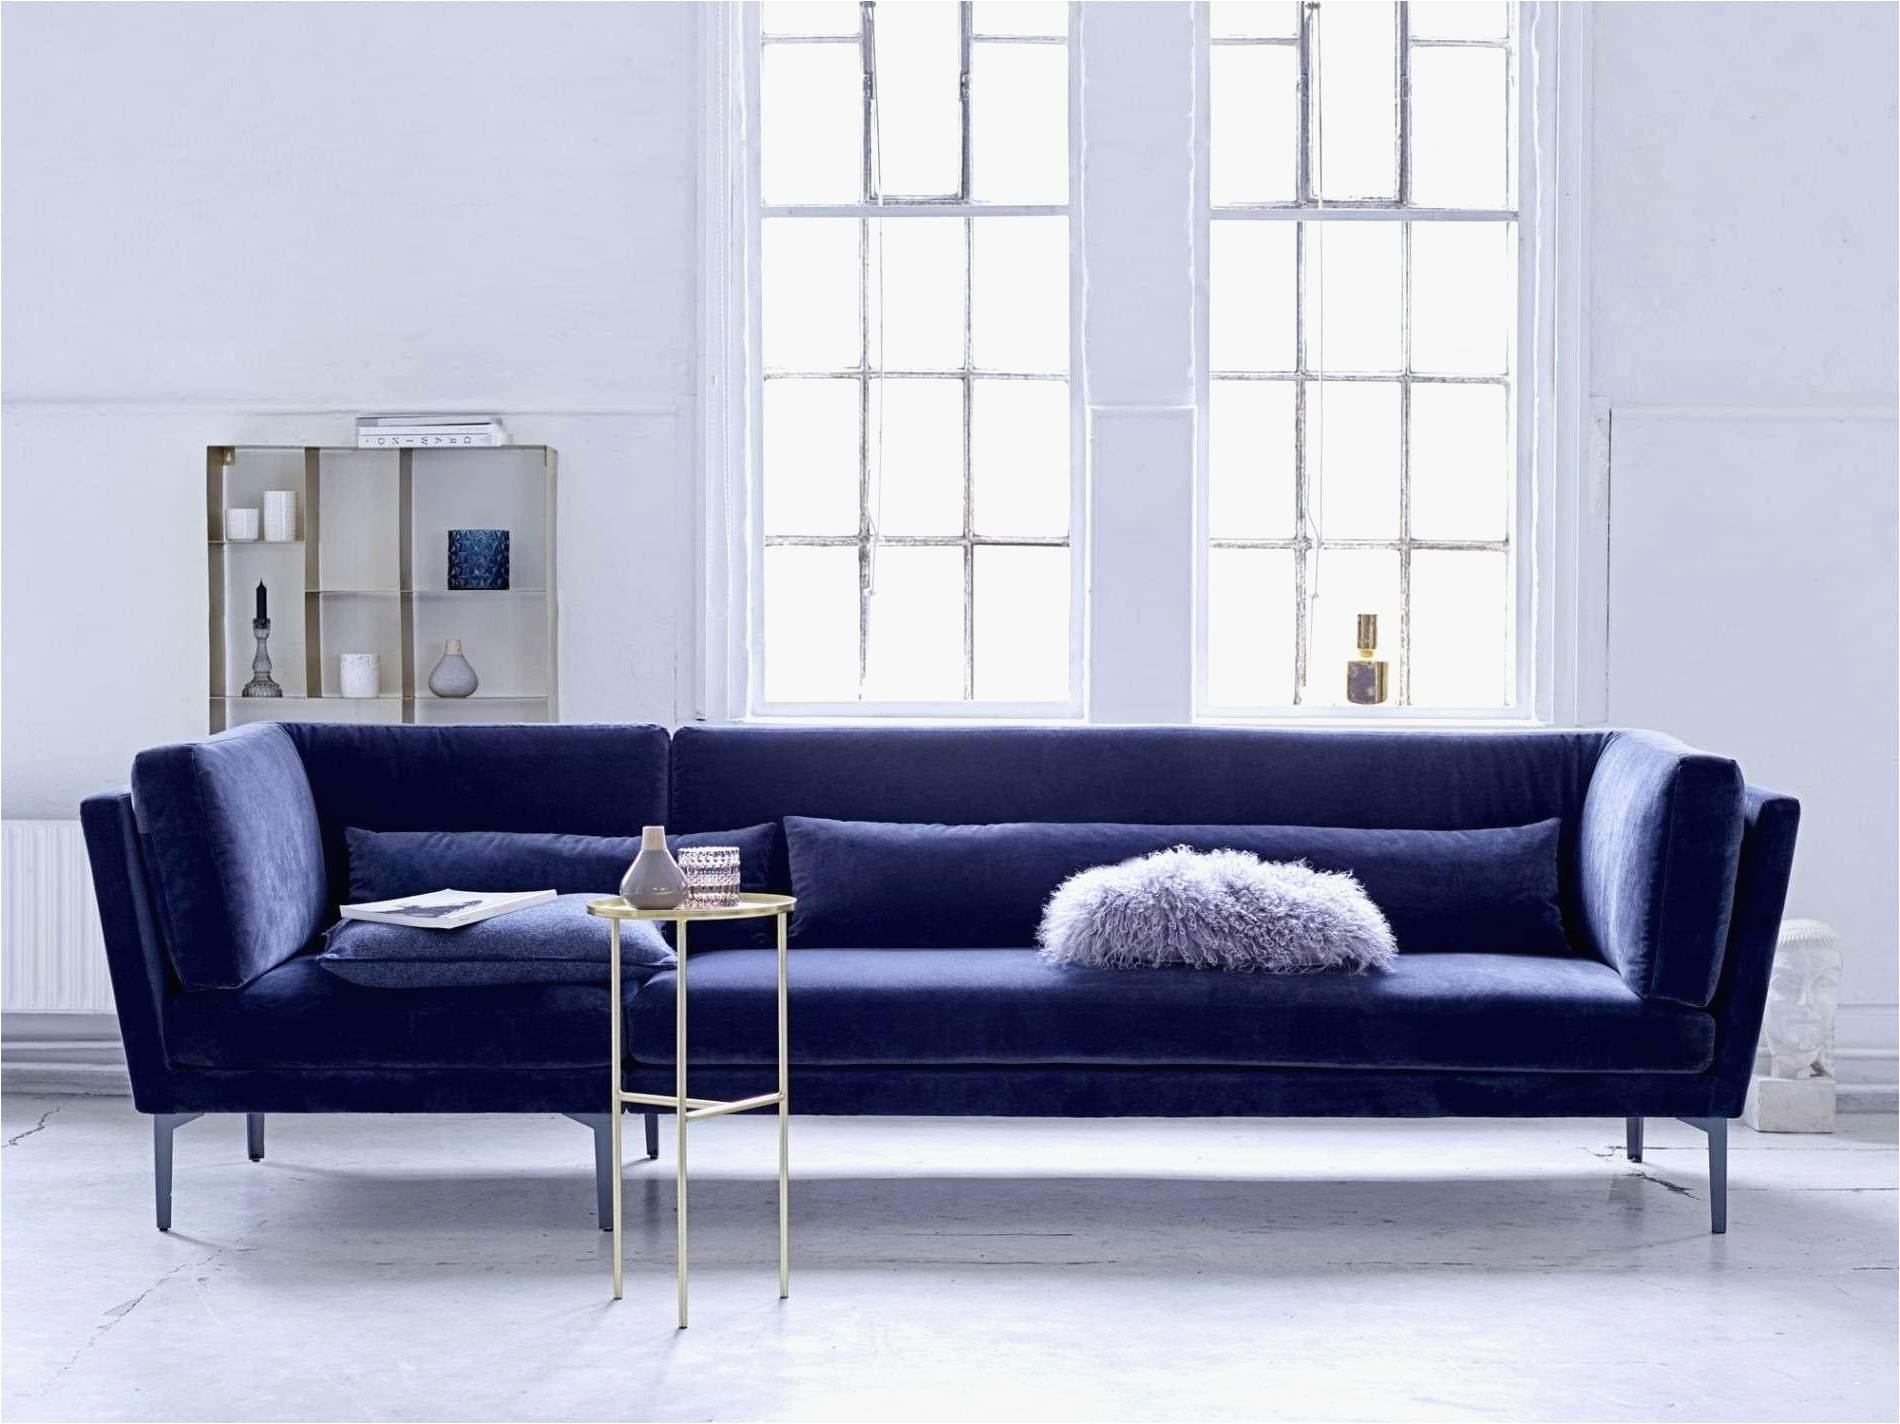 wohnzimmer sofas einzigartig joop wohnzimmer konzept tipps von experten of wohnzimmer sofas